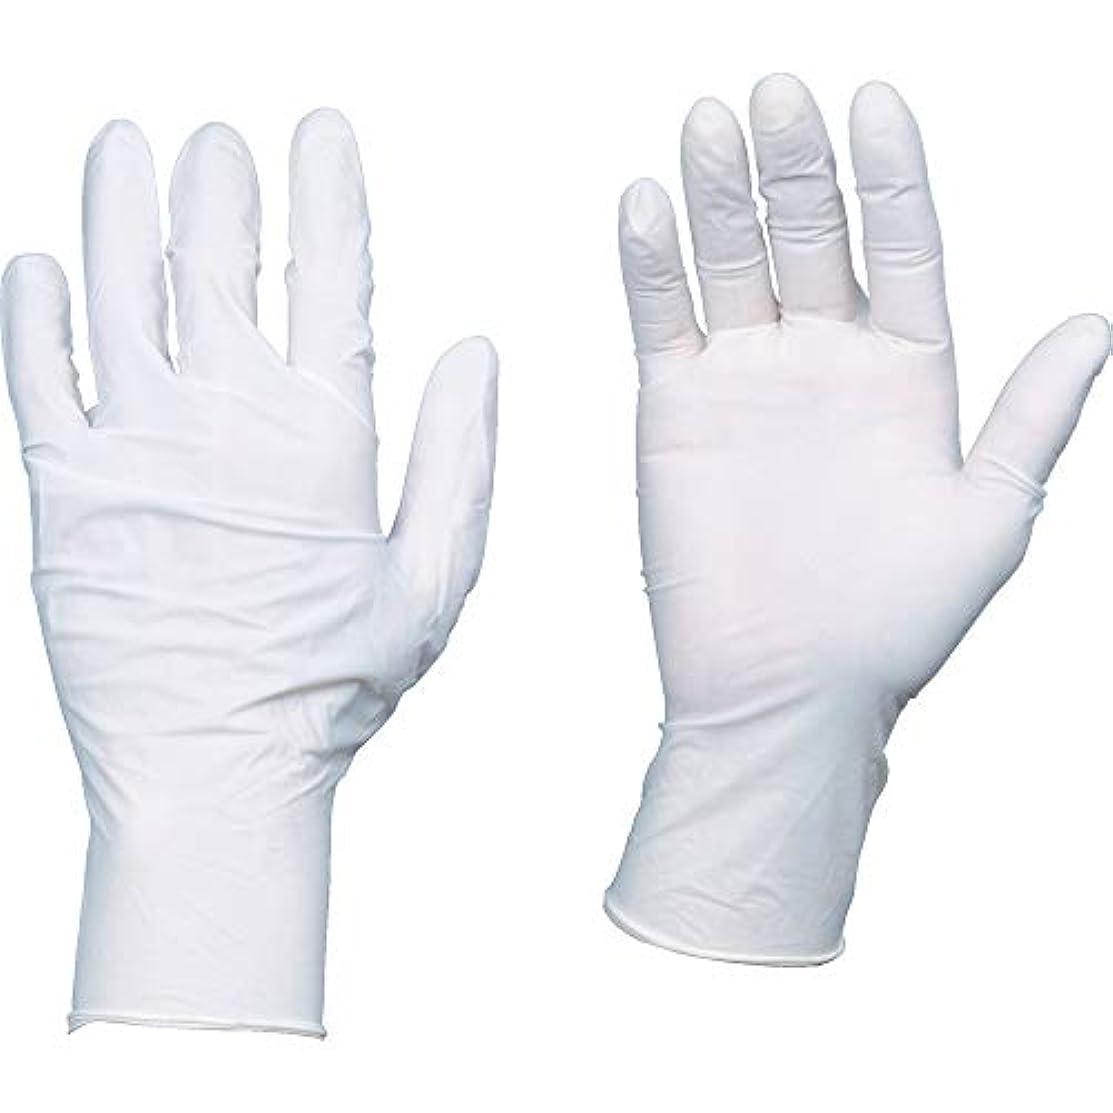 充実カテナスケジュールTRUSCO(トラスコ) 10箱入り 使い捨て天然ゴム手袋TGワーク 0.10 粉付白M TGPL10WM10C